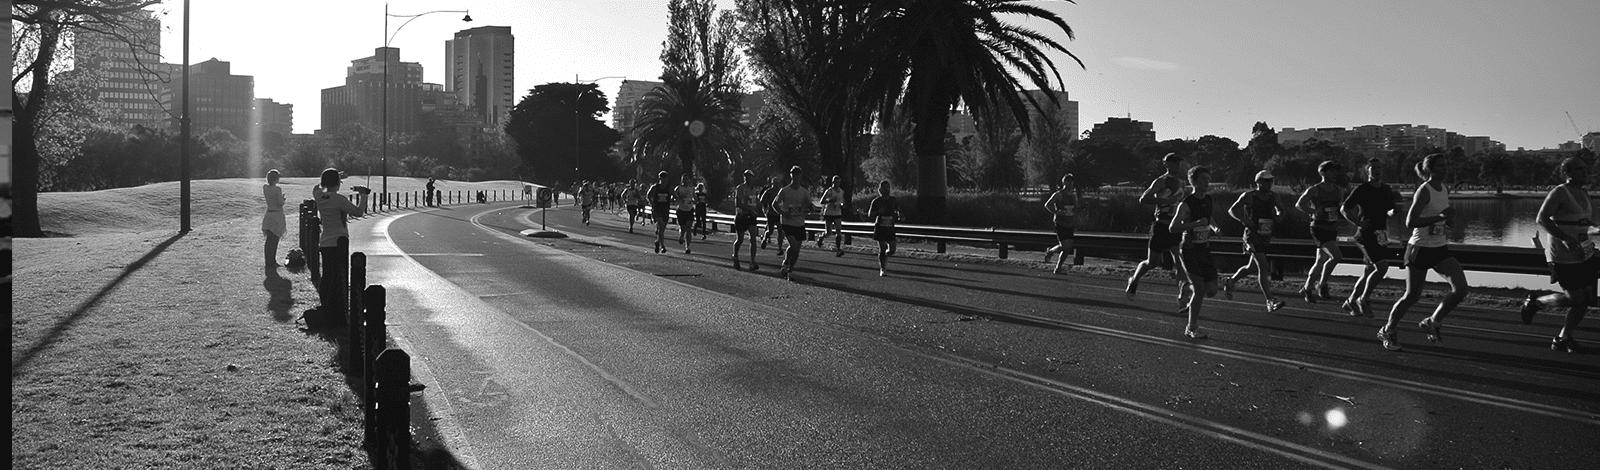 Fun run fitness event in Melbourne, black and white